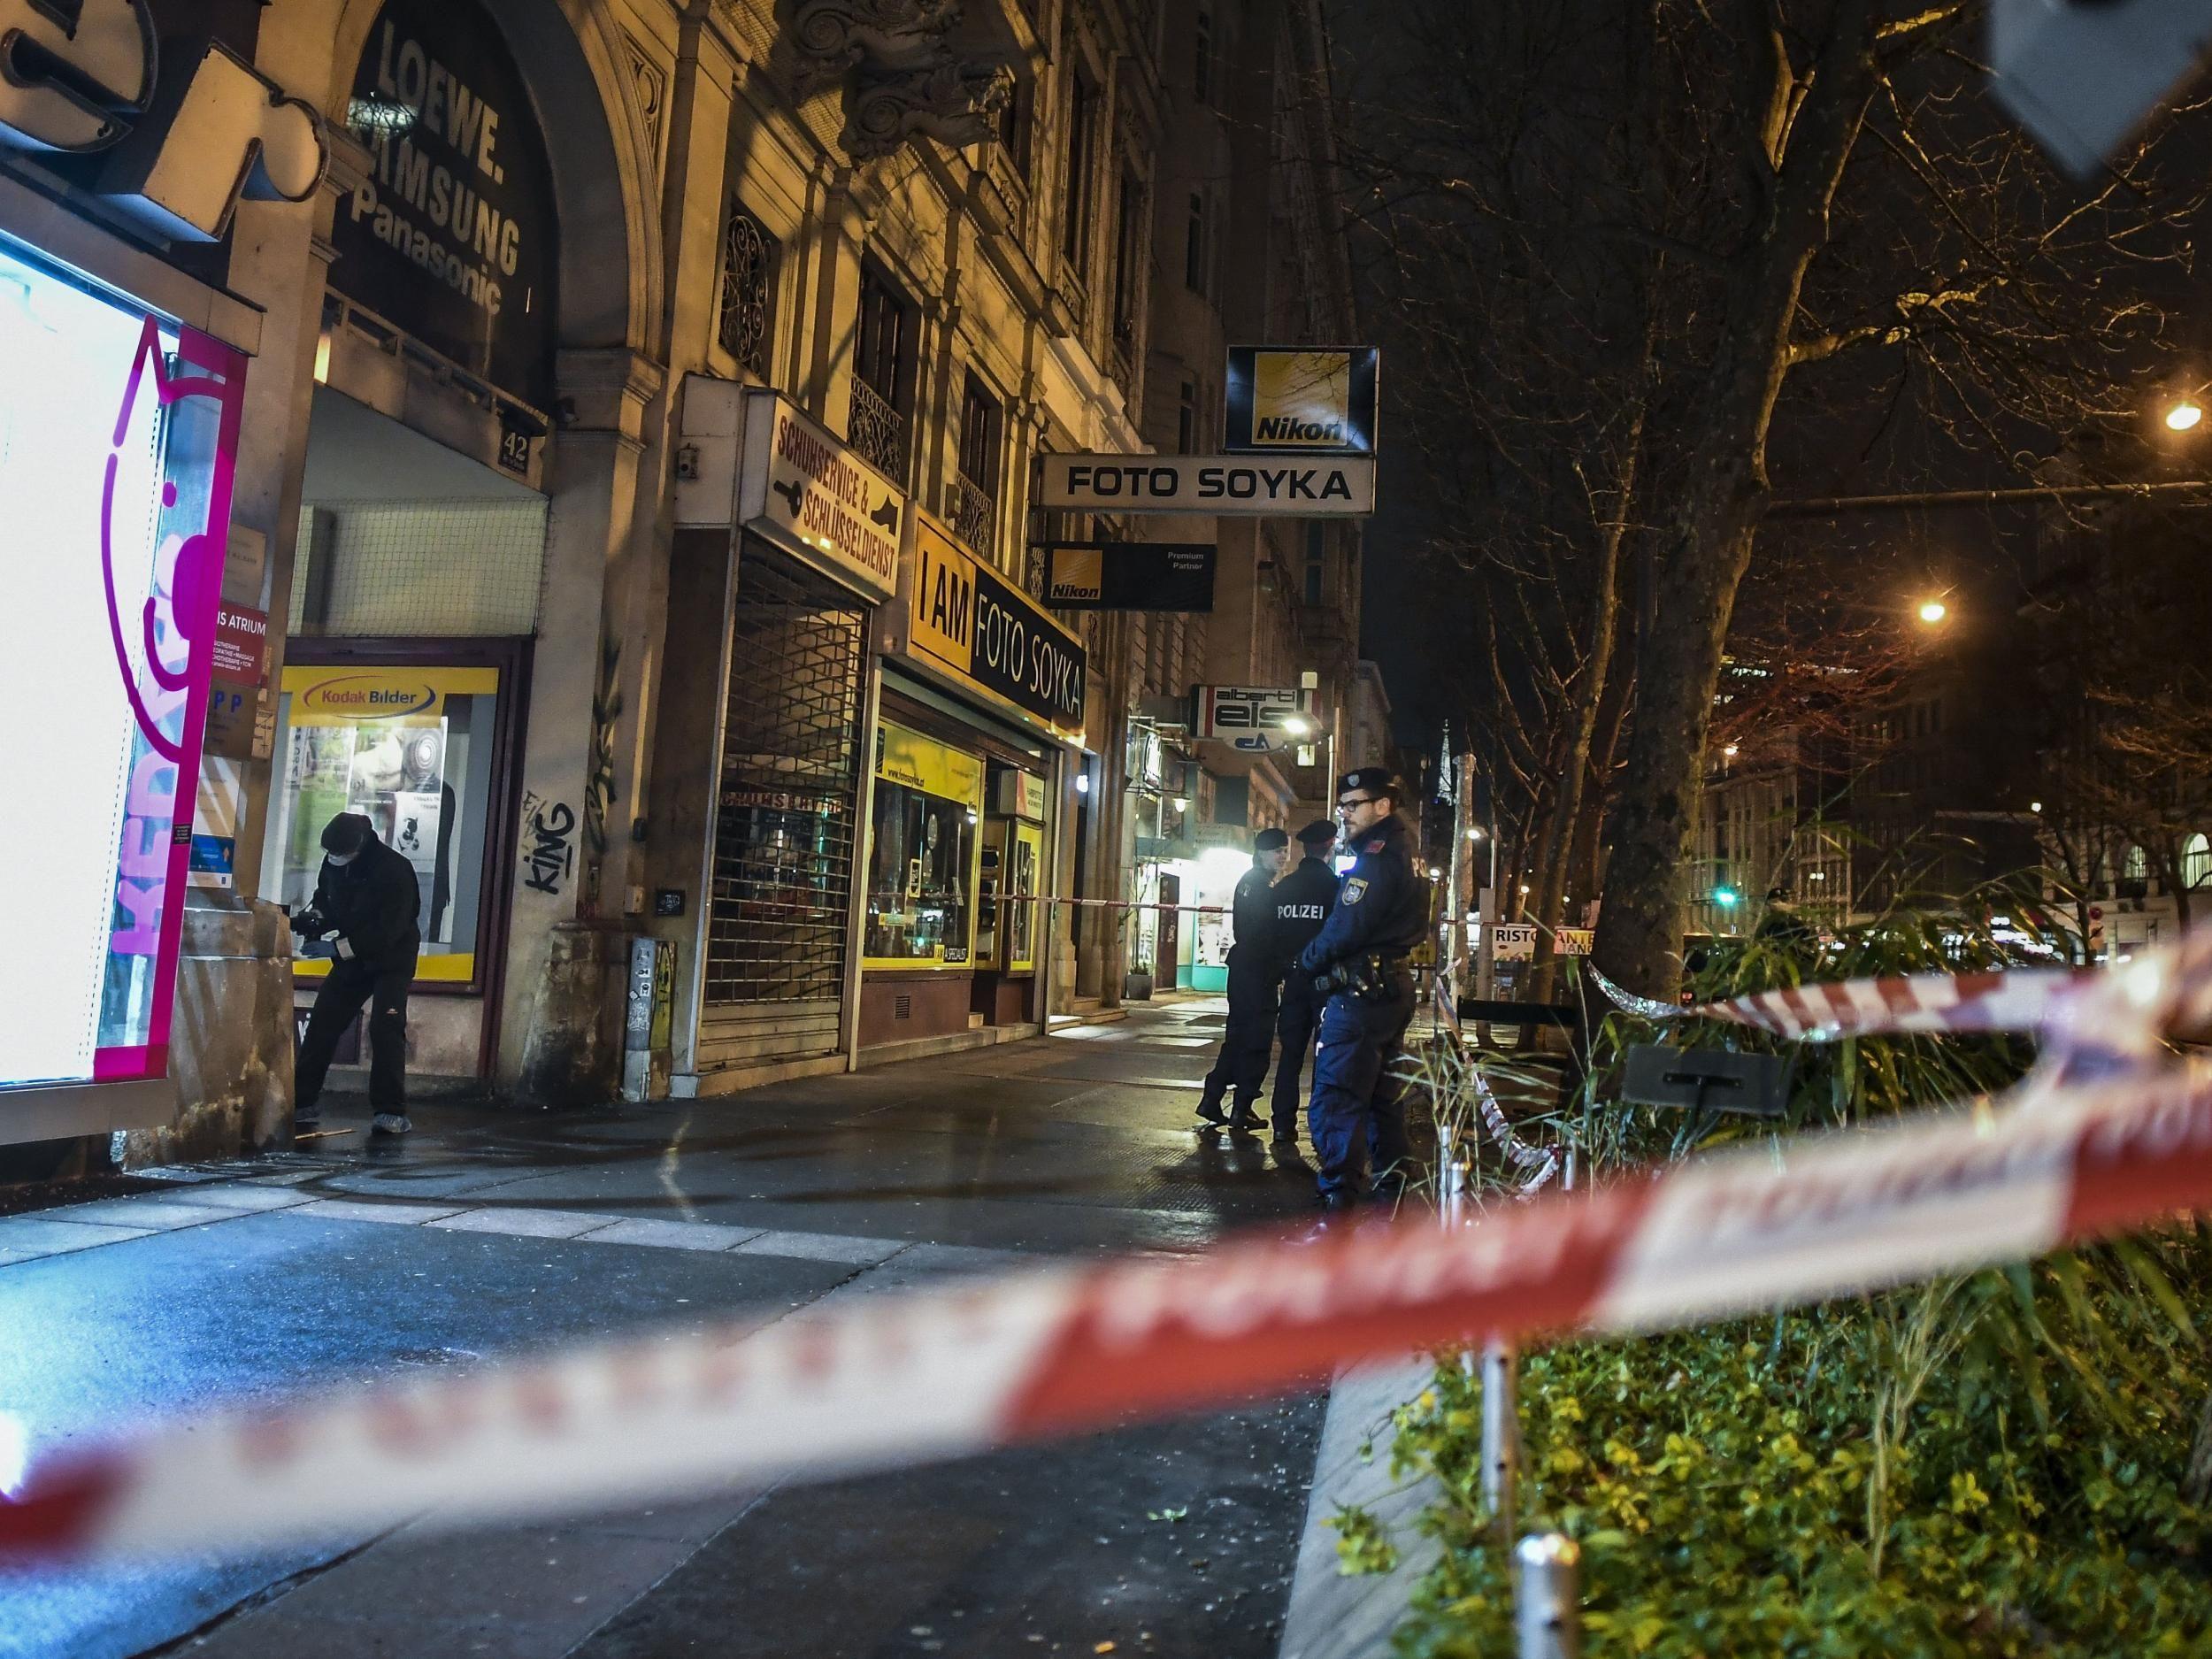 Mensaje de condena y condolencias de Fethullah Gülen por el ataque terrorista en Viena